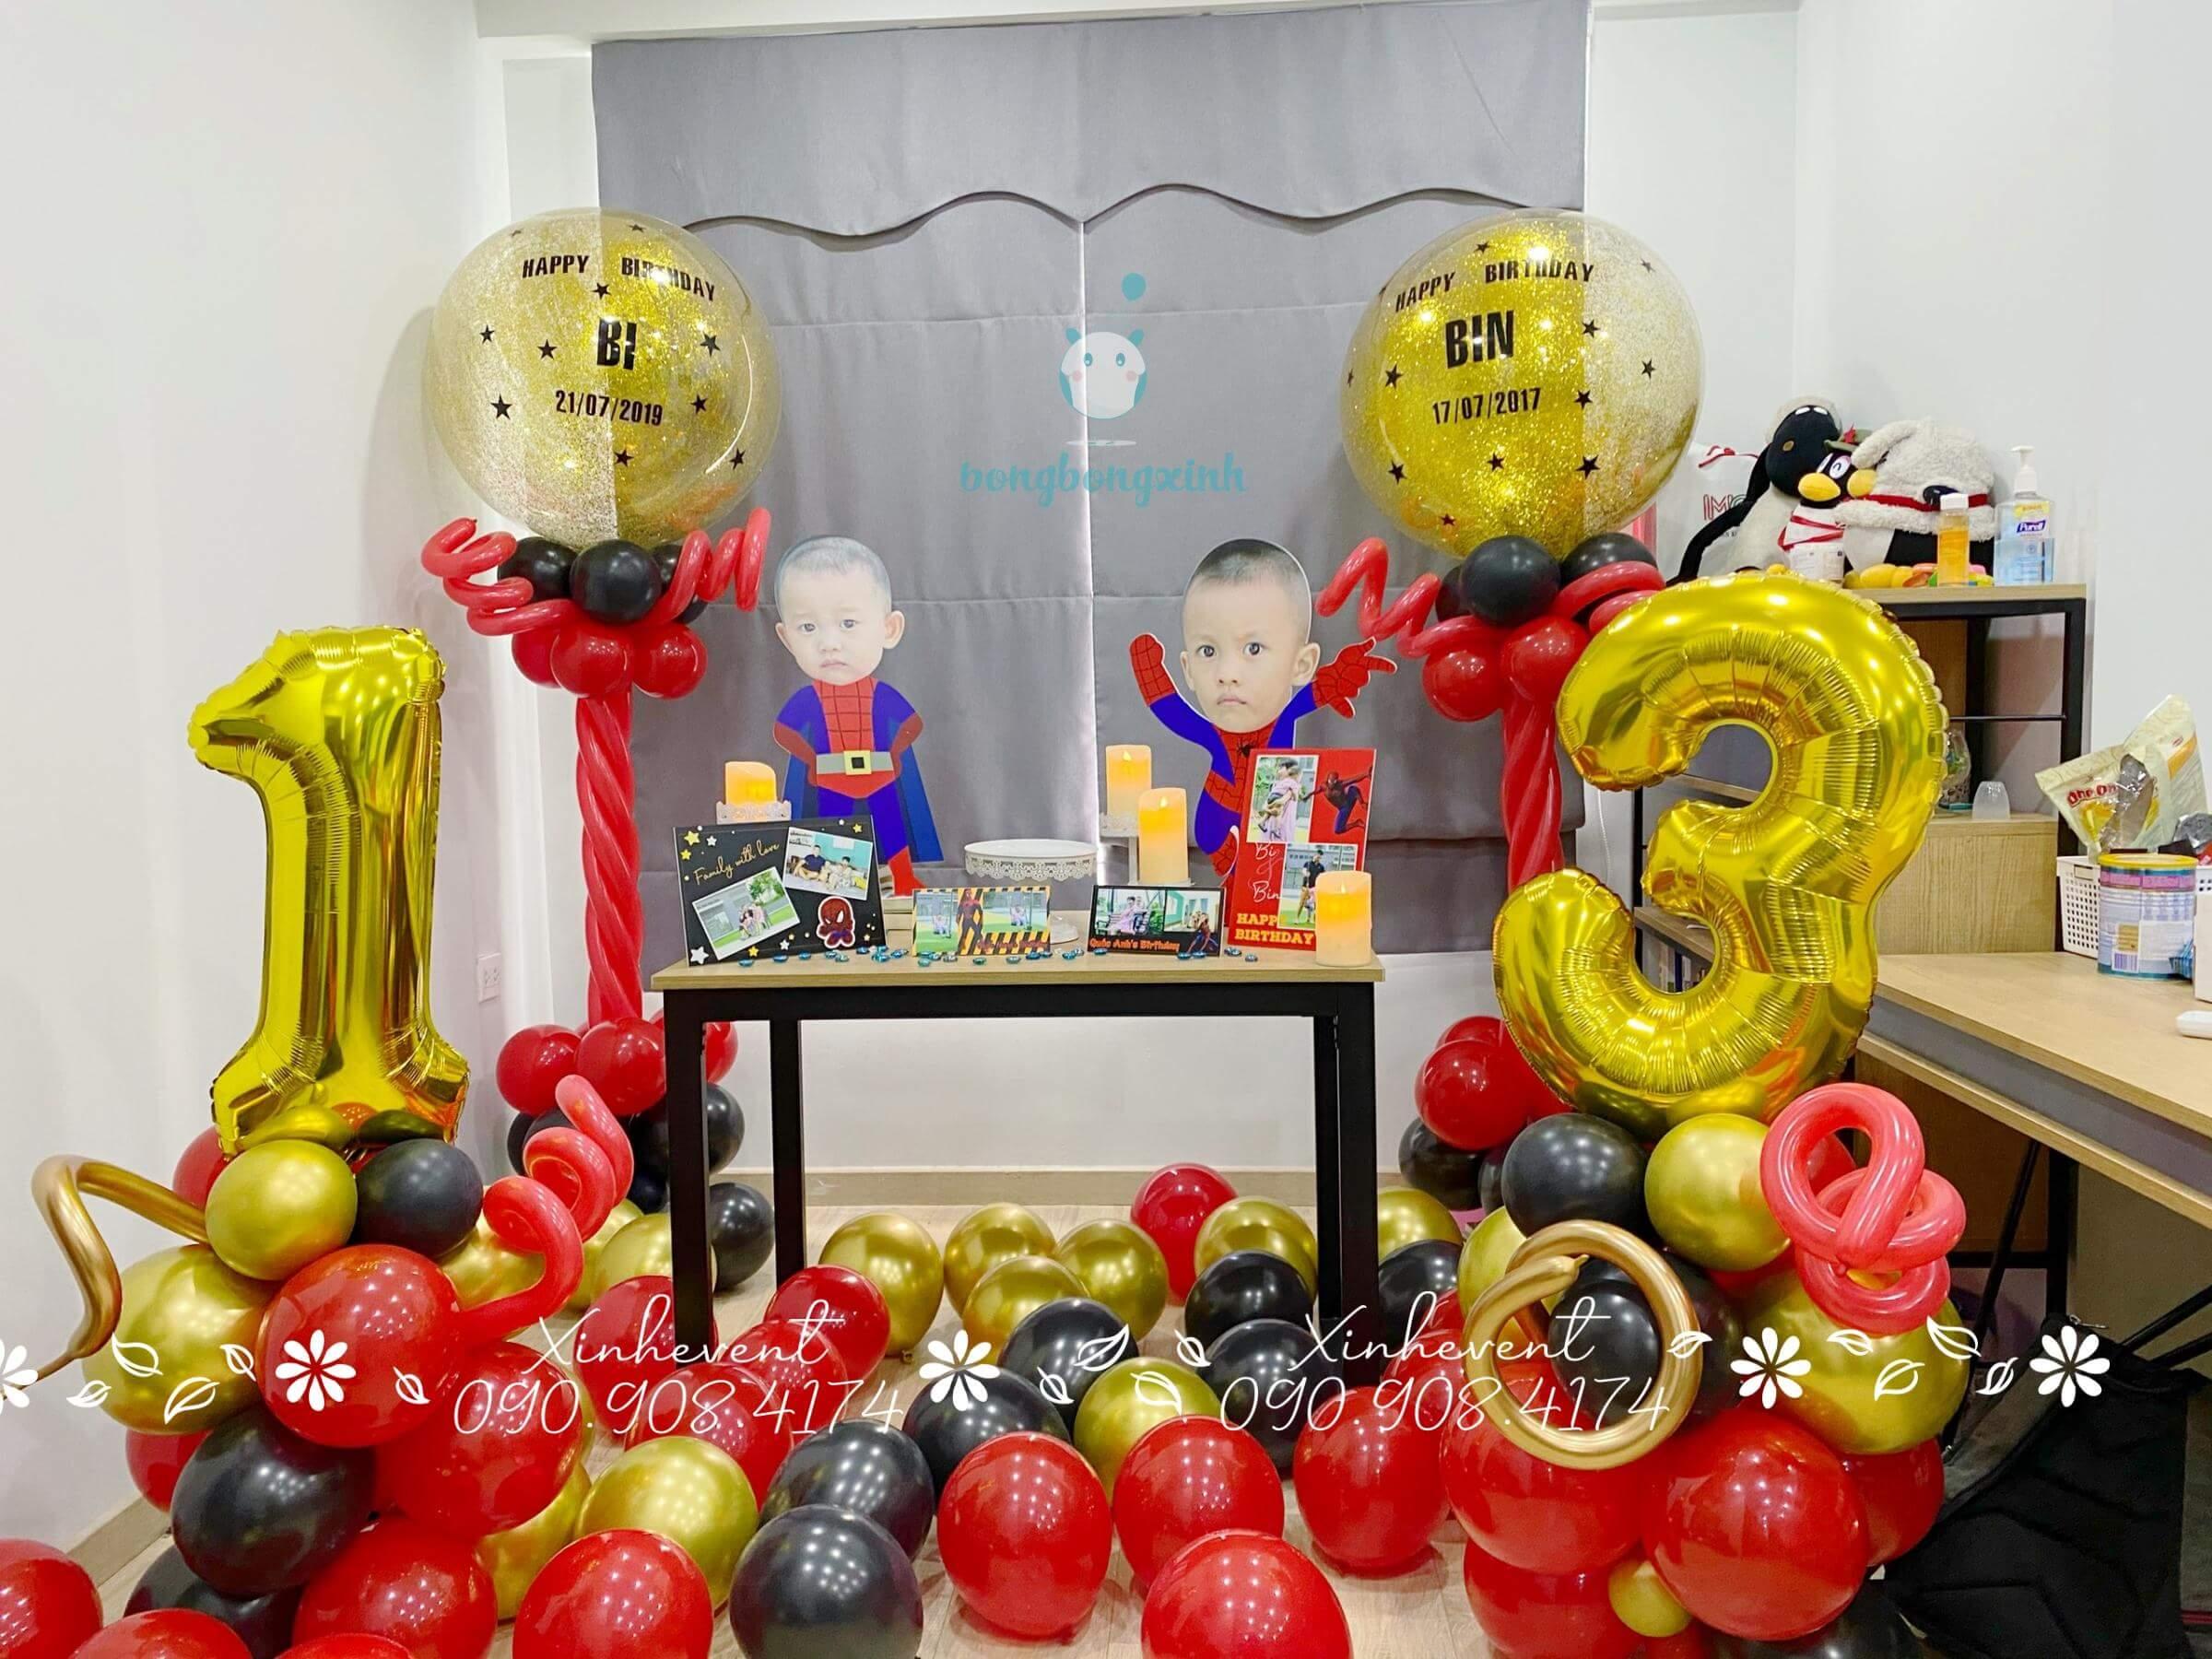 Cận cảnh trang trí bàn sinh nhật cho bé Quốc Hưng xinh đẹp